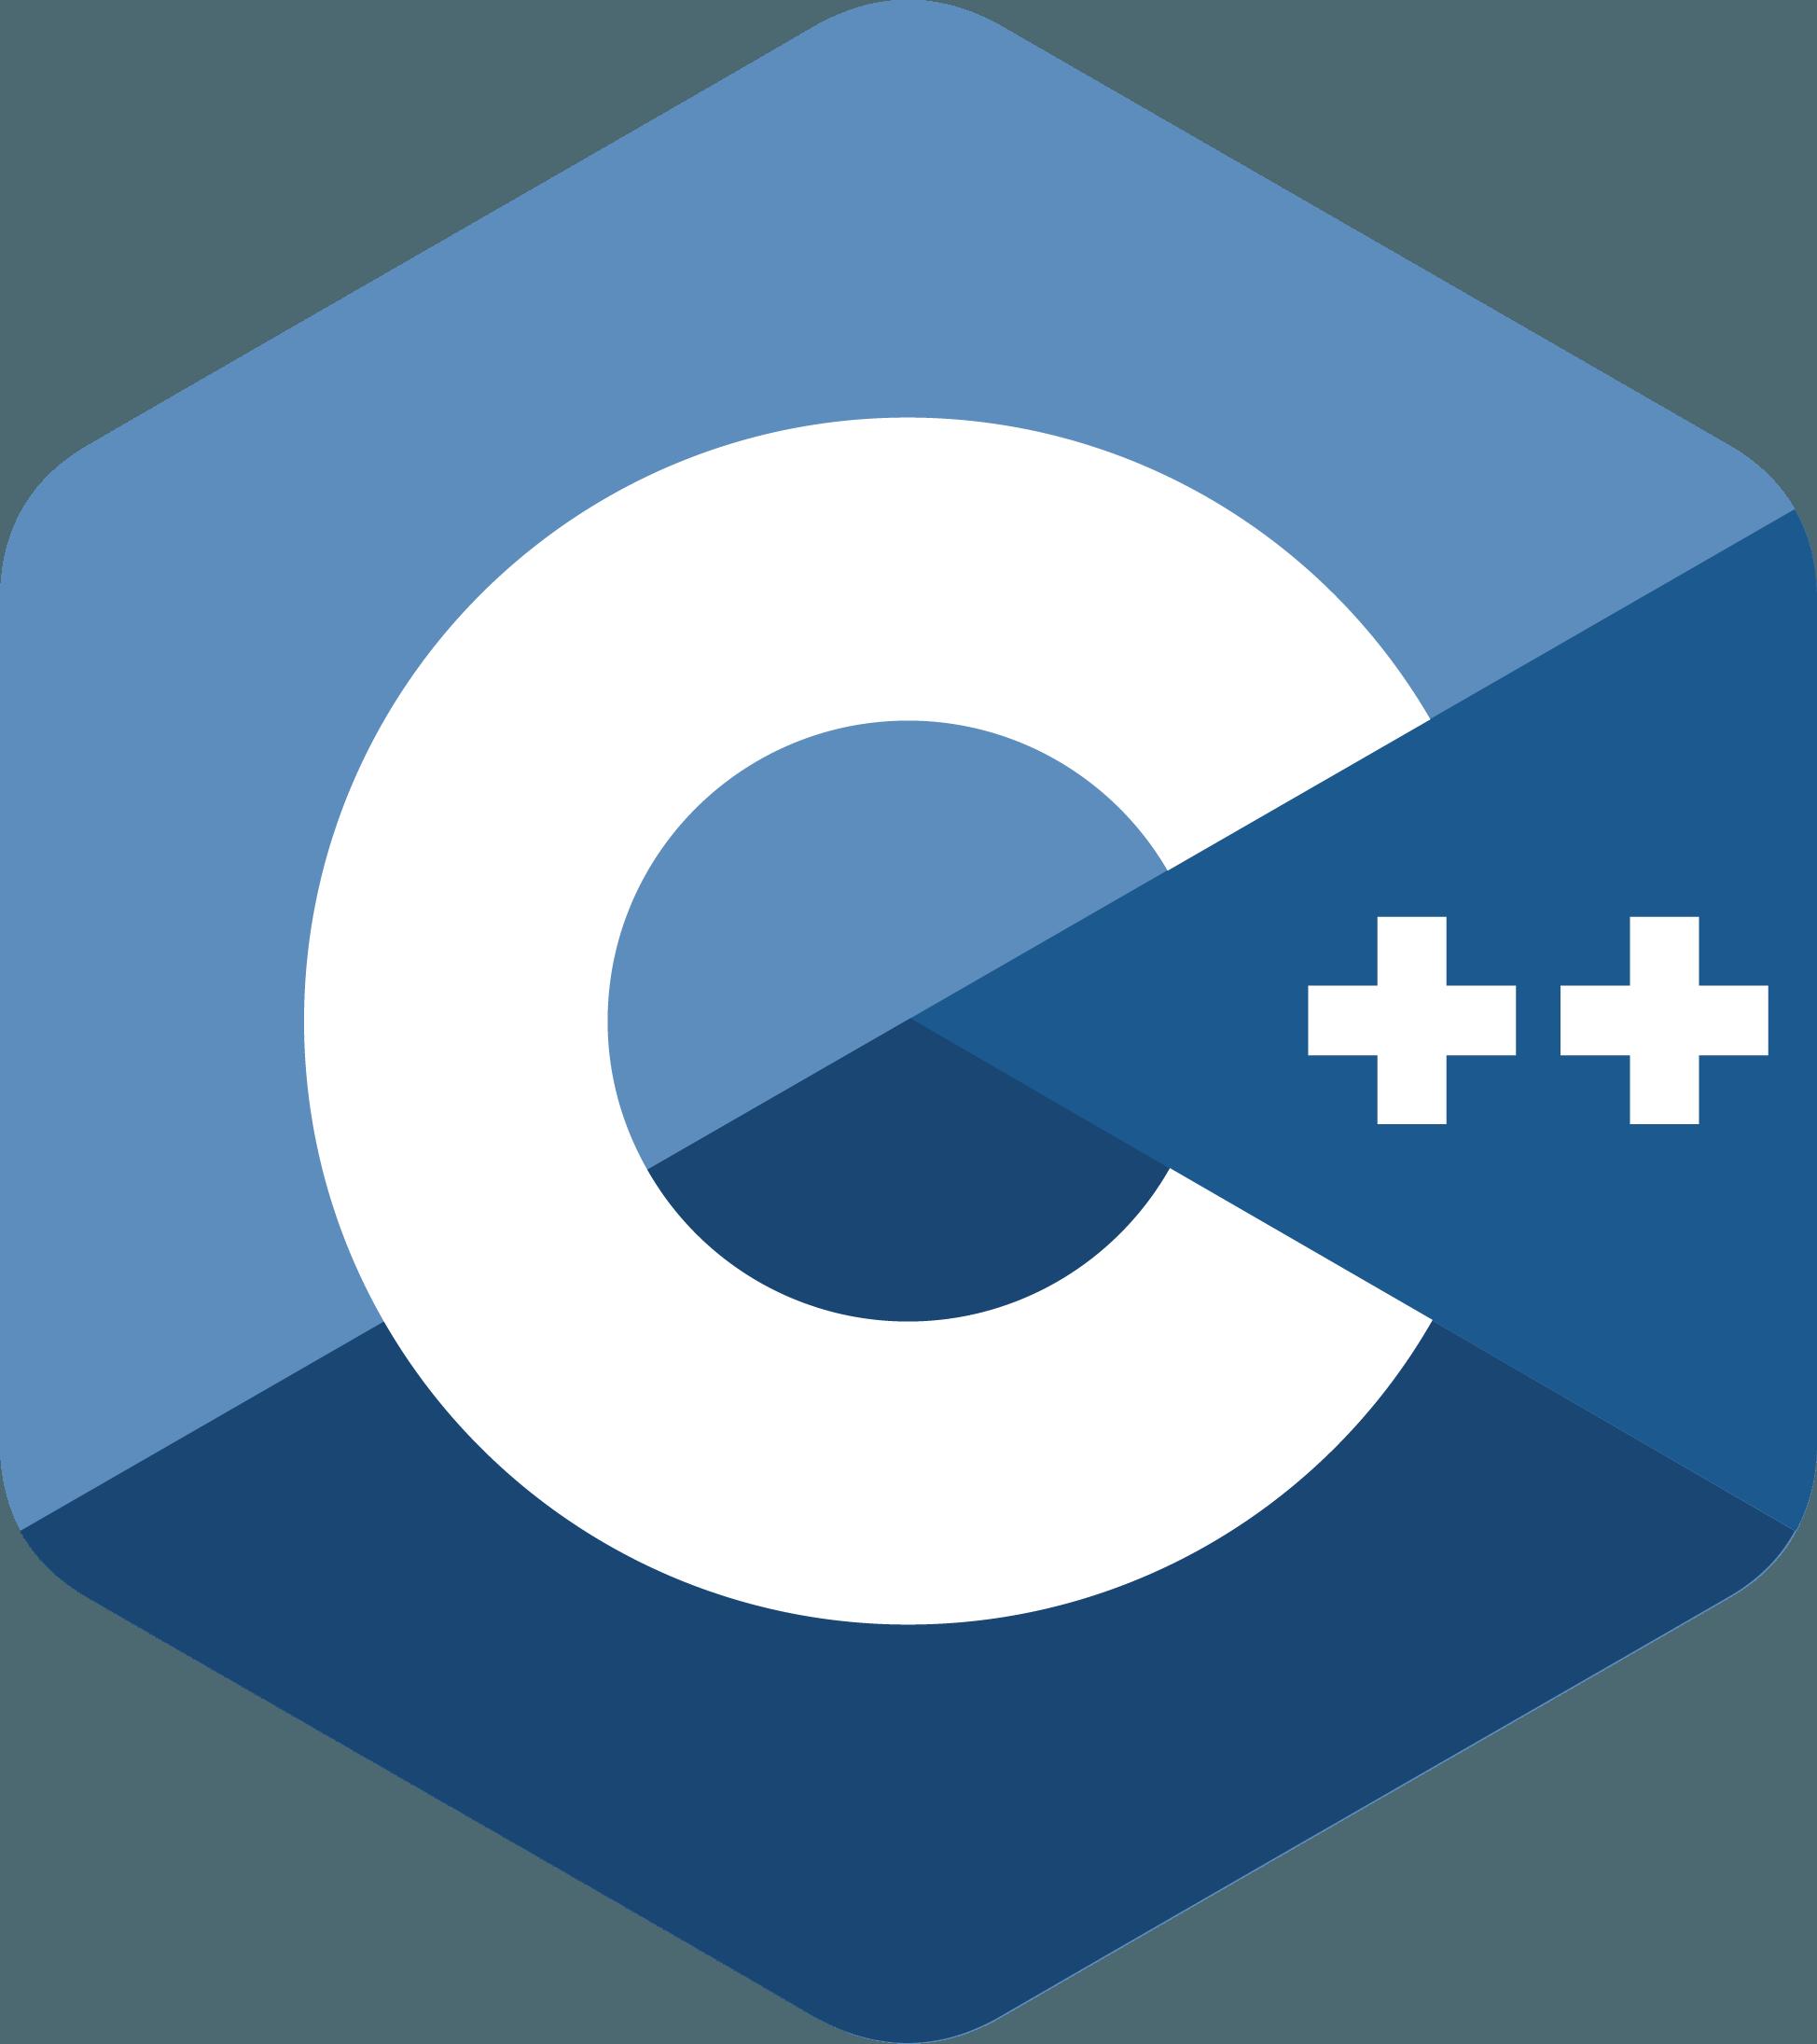 C++ Logo png